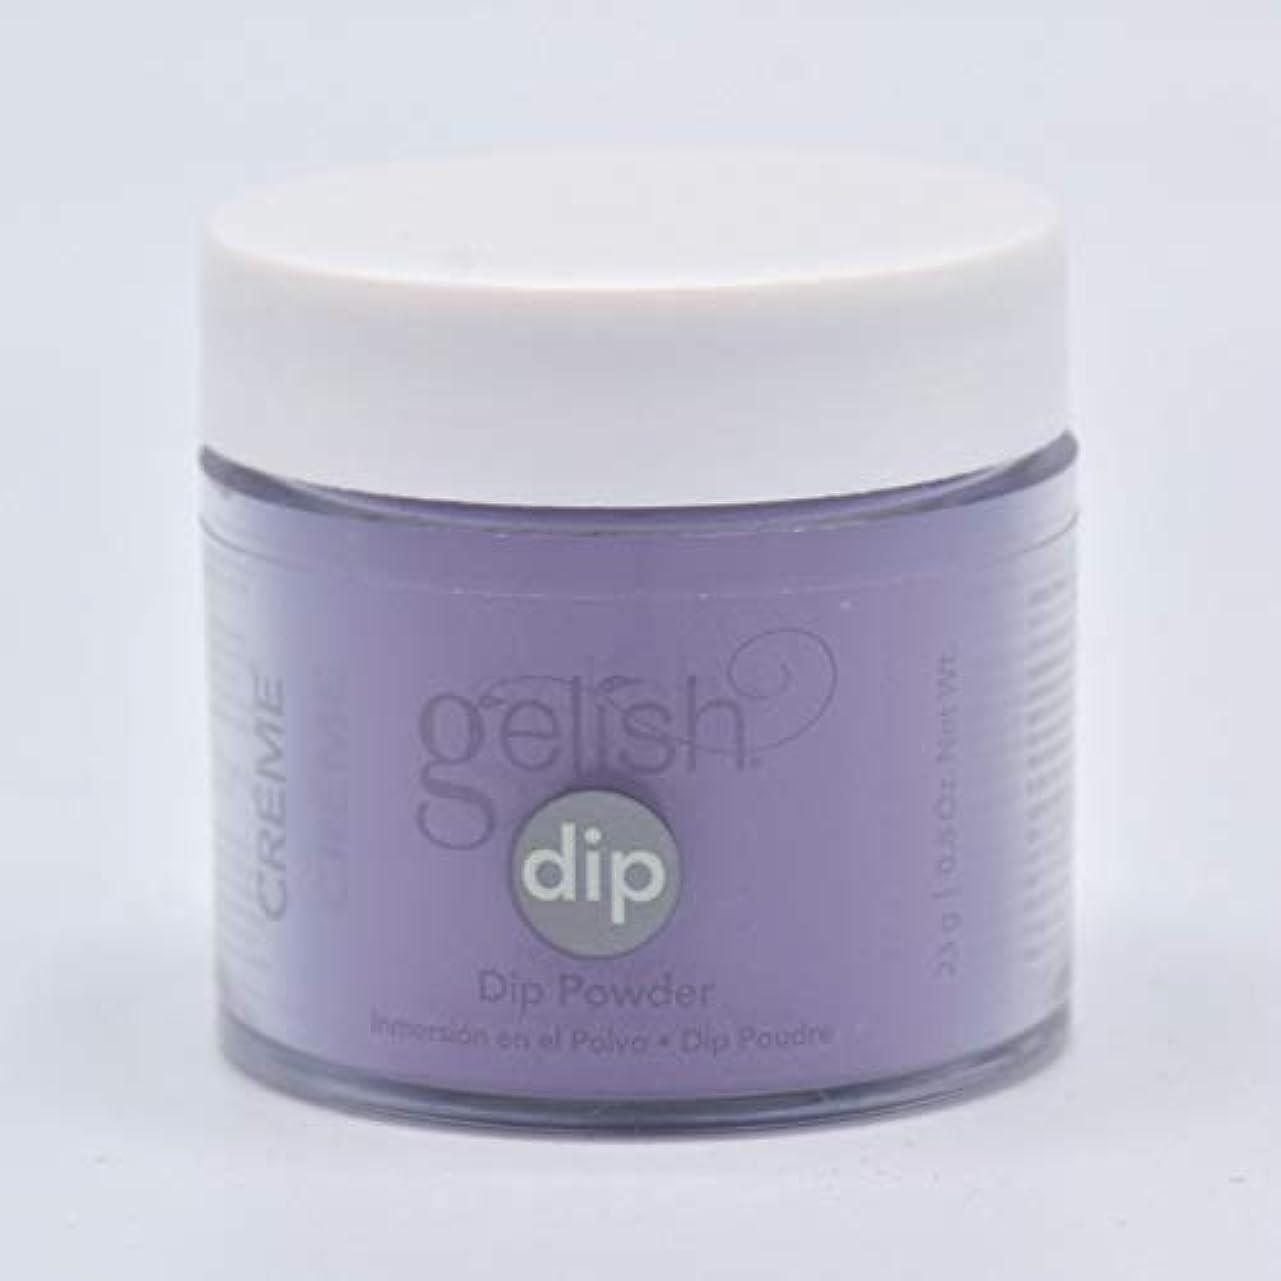 によって連隊ボイドHarmony Gelish - Acrylic Dip Powder - Black Cherry Berry - 23g / 0.8oz